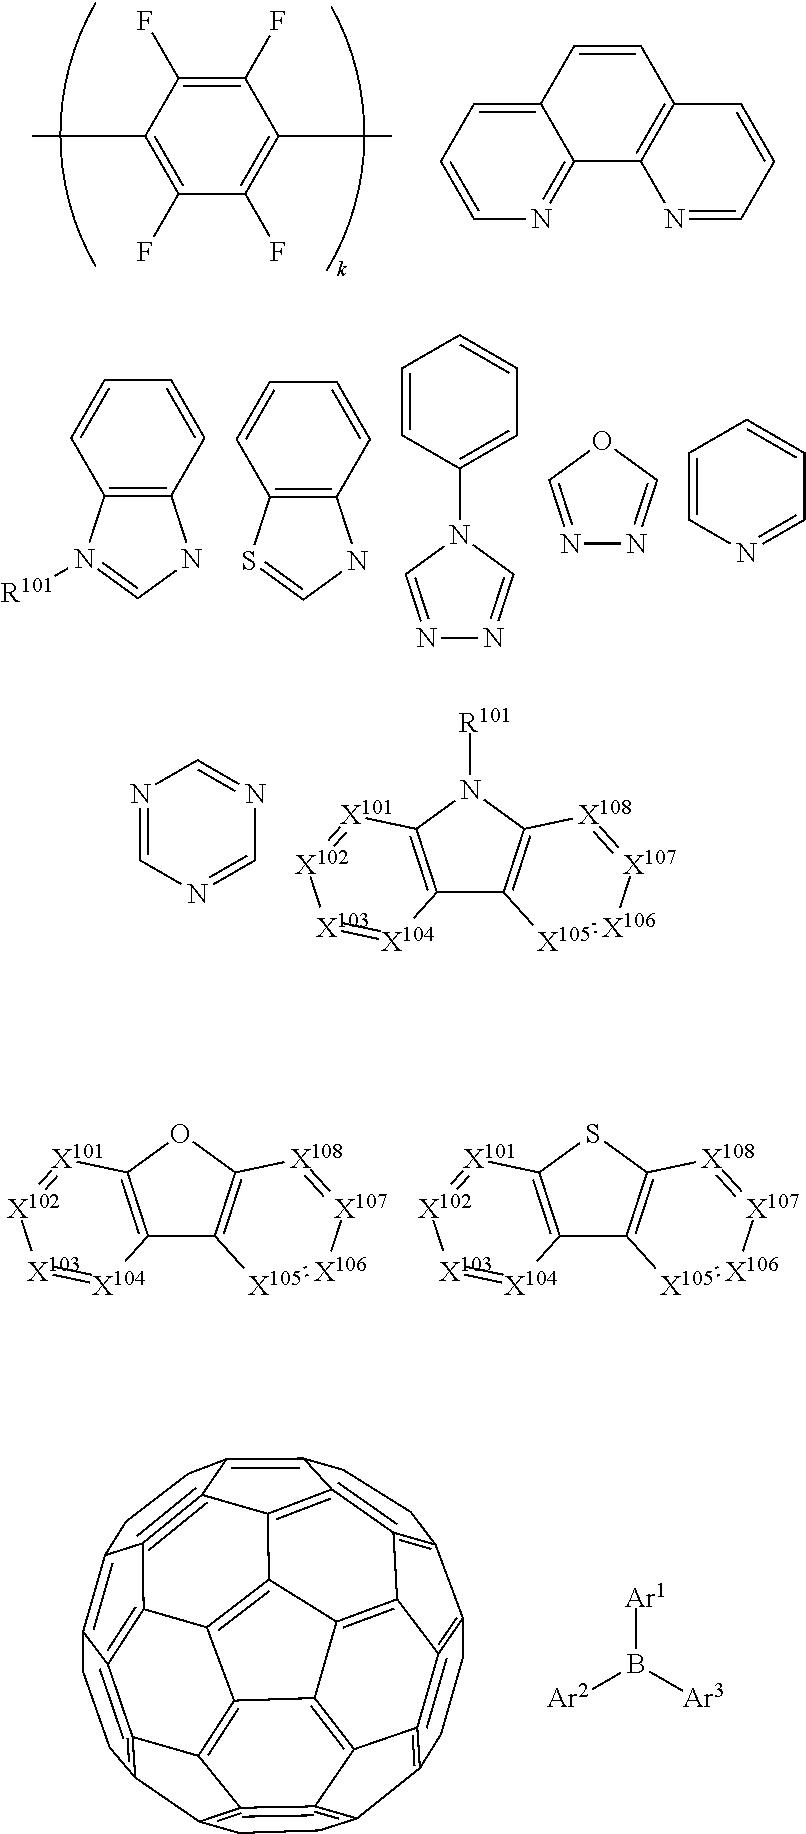 Figure US09859510-20180102-C00096